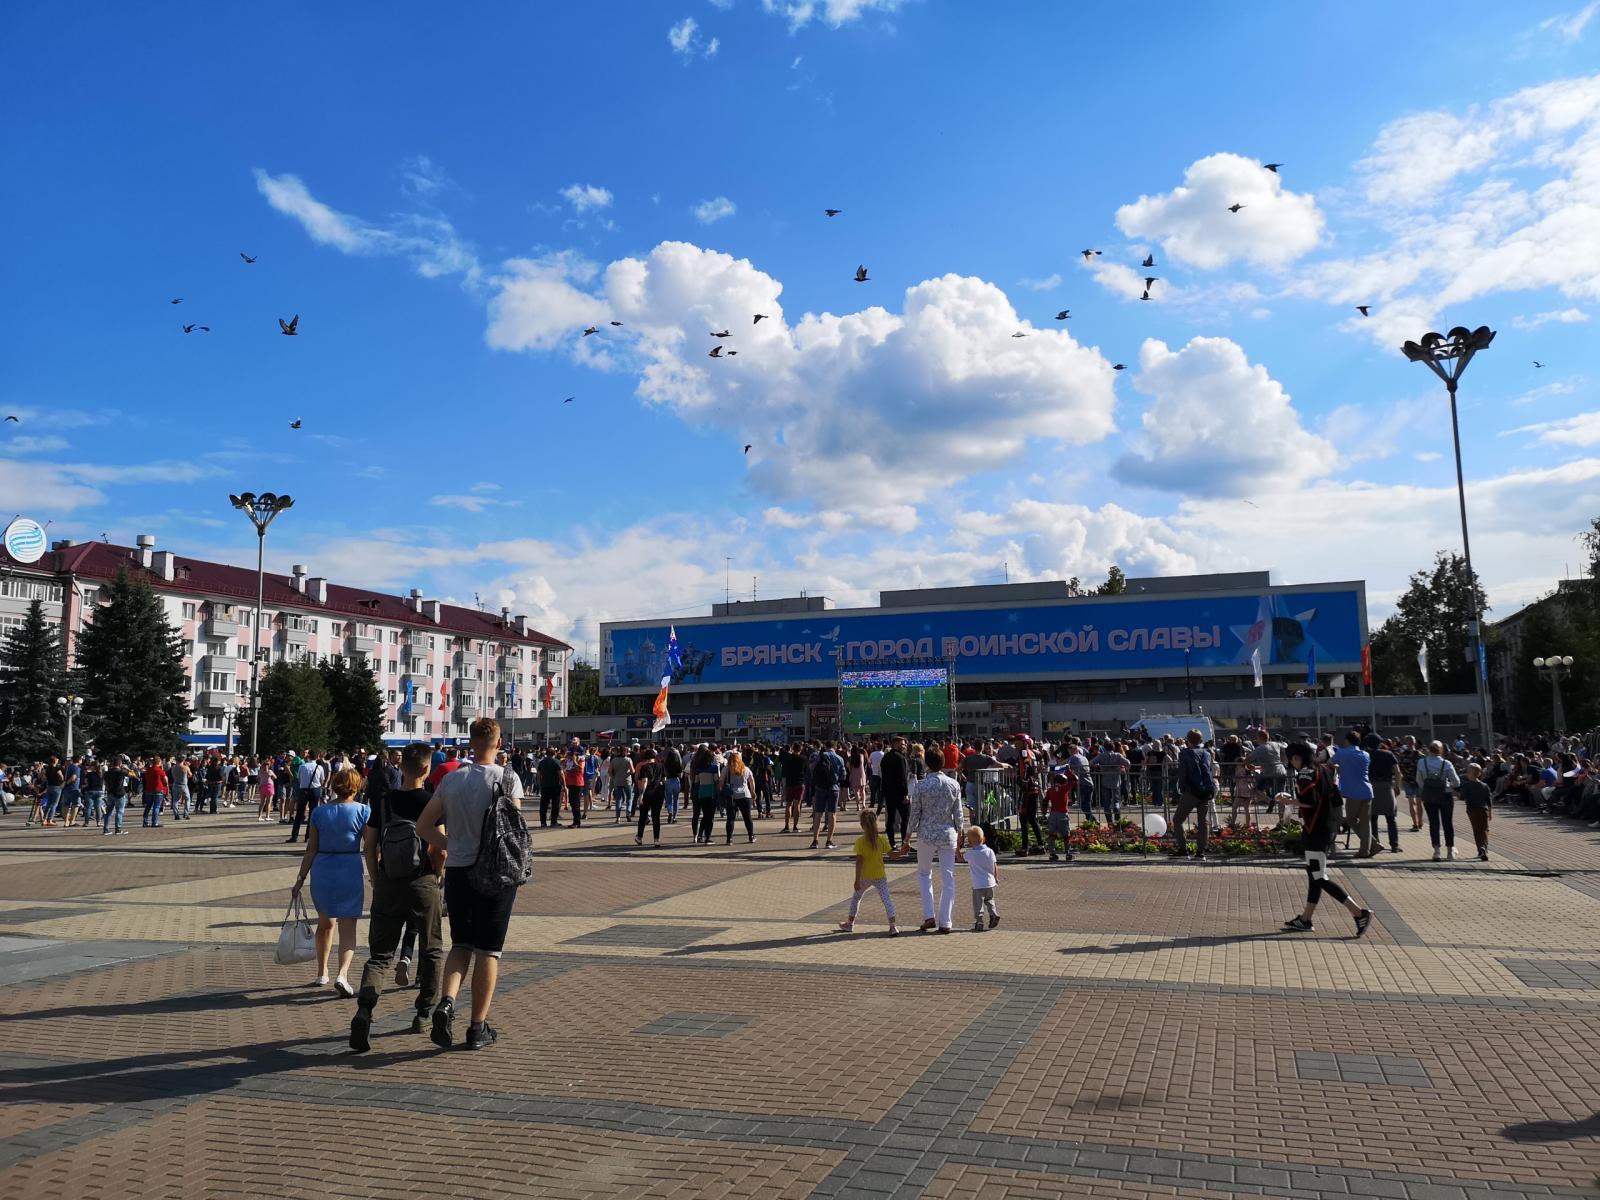 Жителей Брянска расстроило поражение России в матче ЧМ-2018